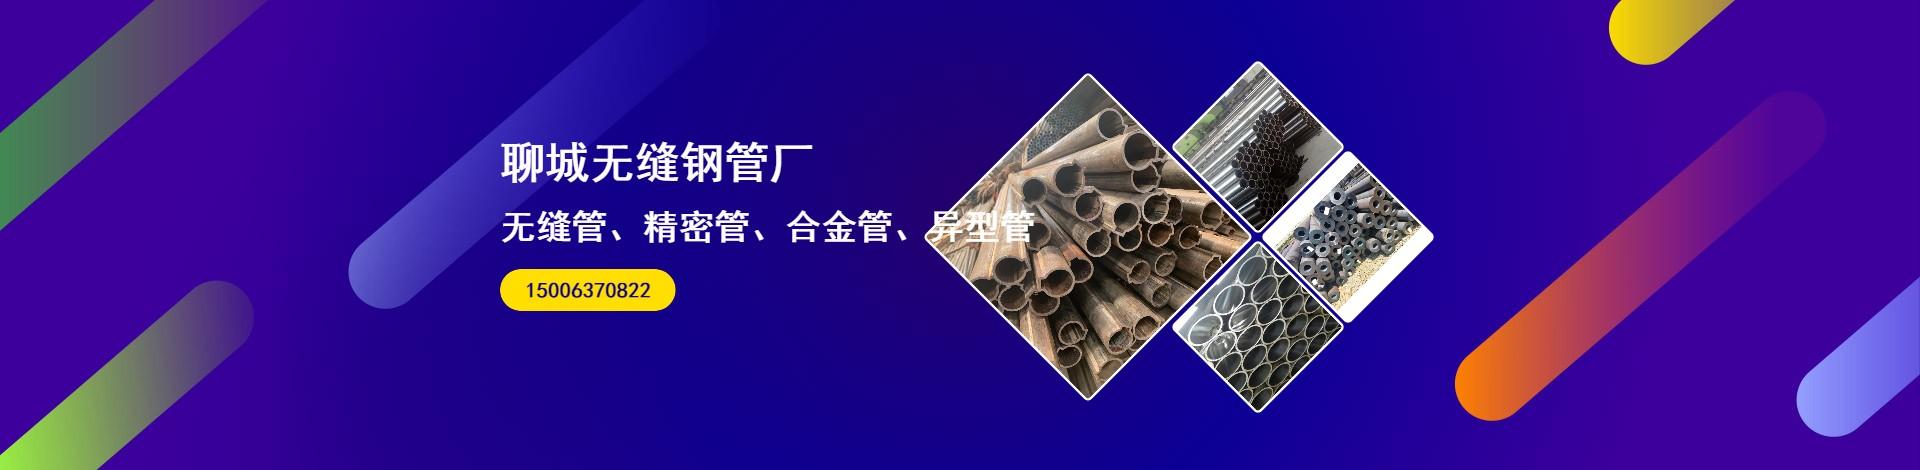 聊城开发区鲁铭金属材料有限公司